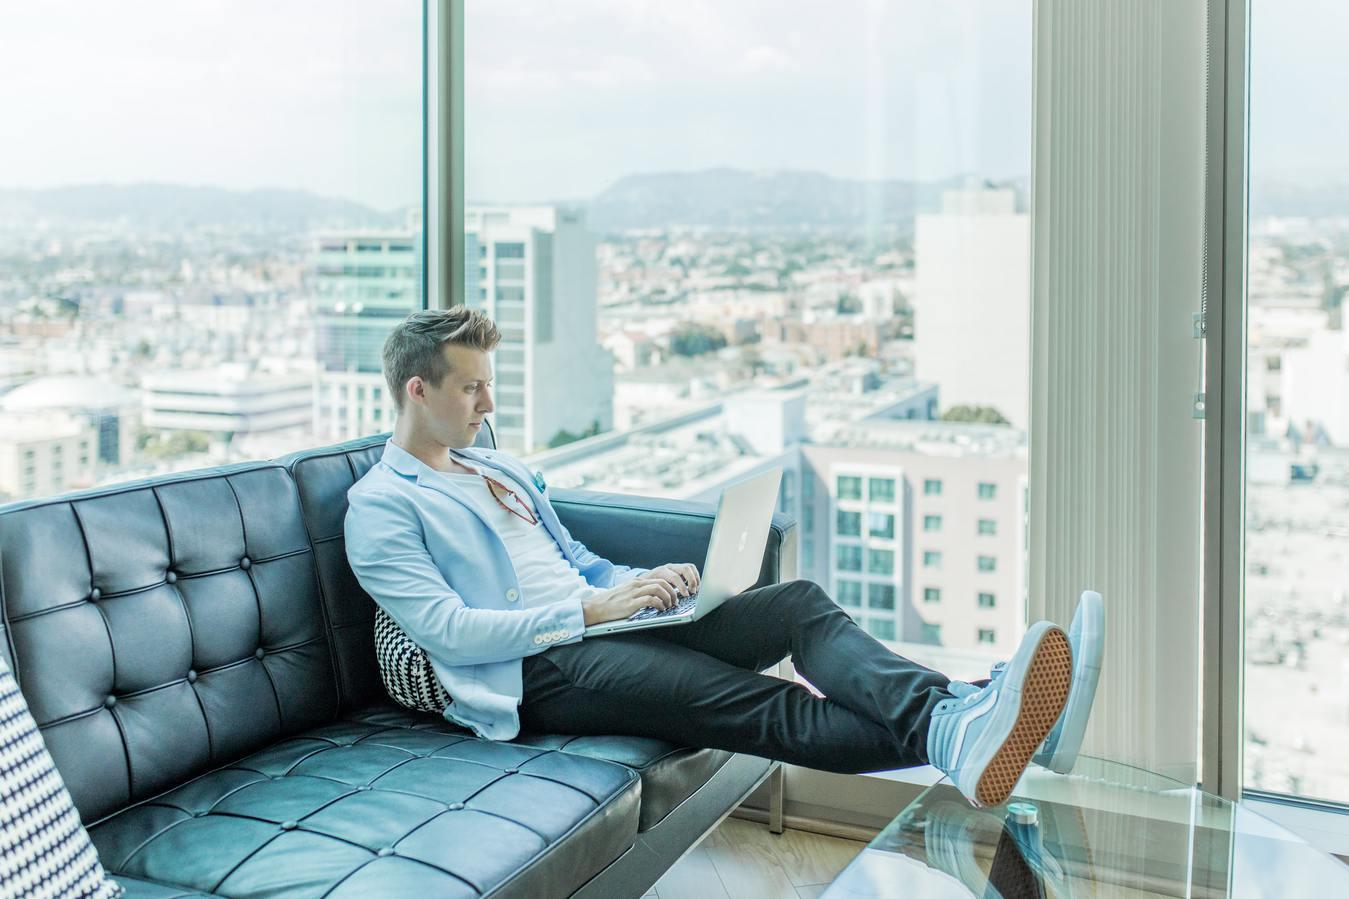 Homem a trabalhar no sofá com um portátil com vista sobre a cidade - ganhar dinheiro online